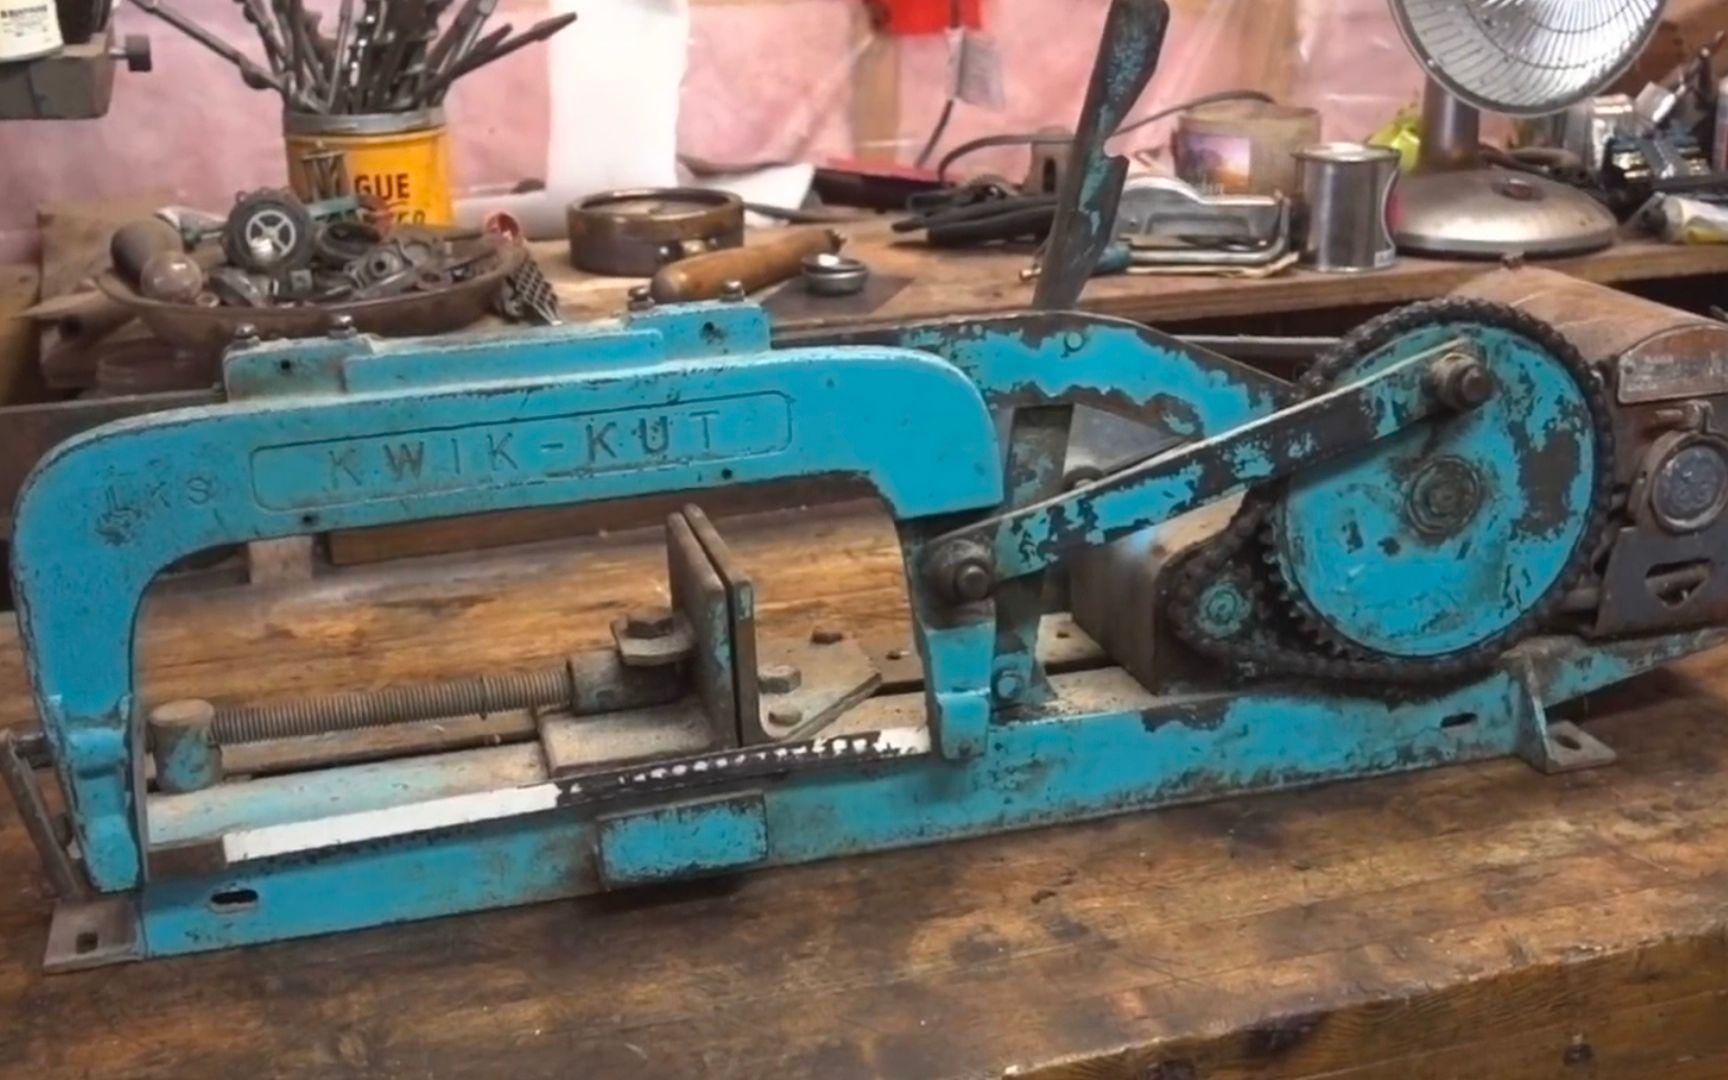 翻新修复————油管一小哥翻新满是油渍、油漆脱落的大型切割机